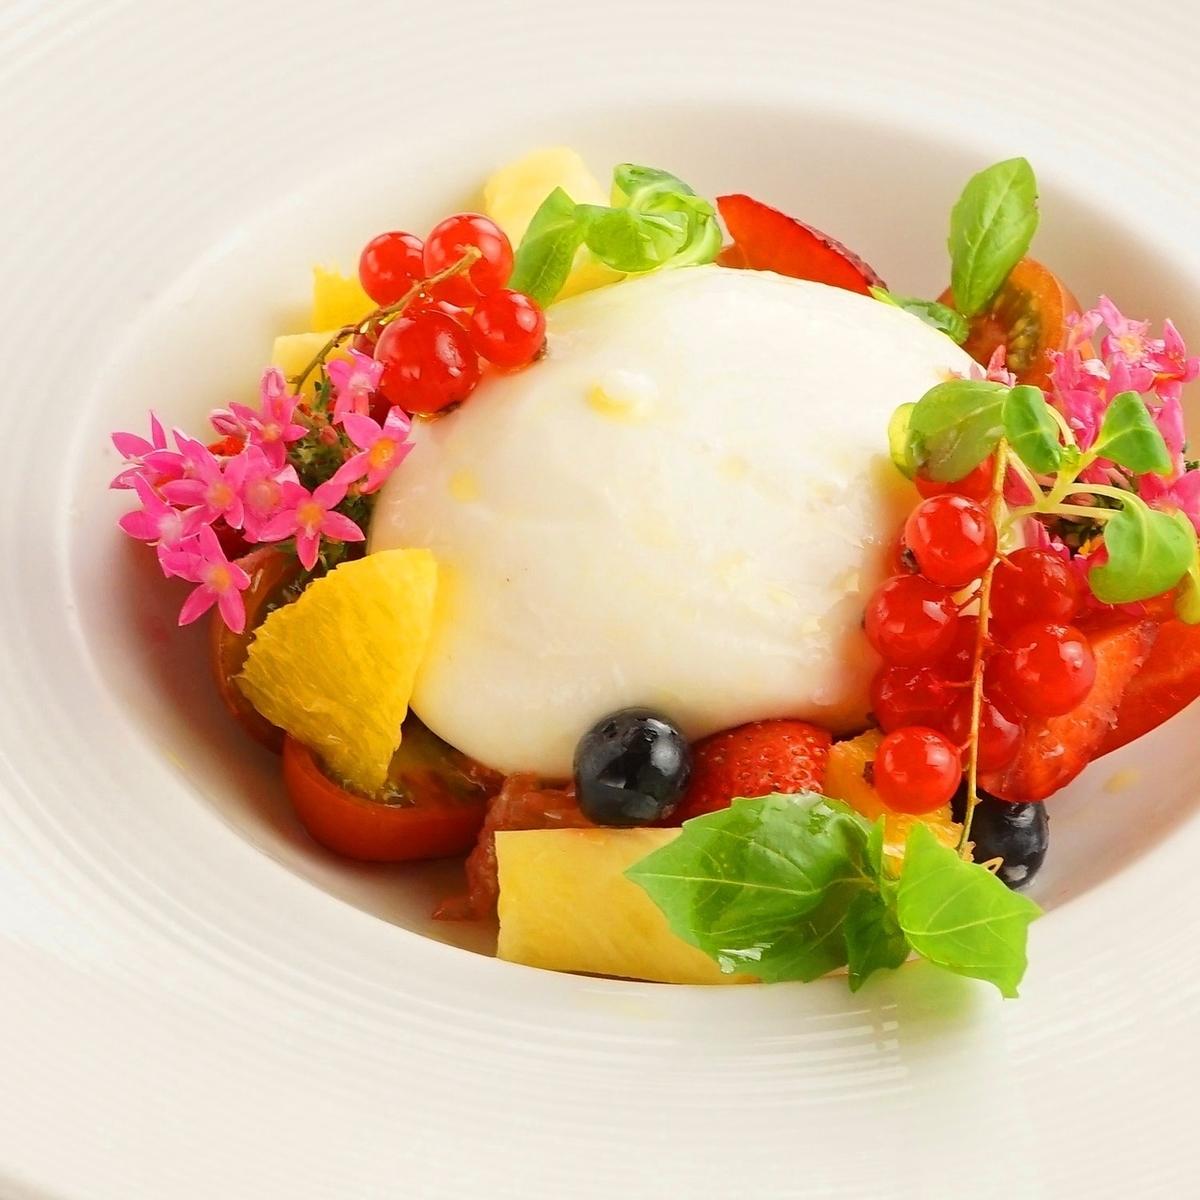 【数量有限】新鲜的Burrata奶酪和番茄,时令水果Caprese